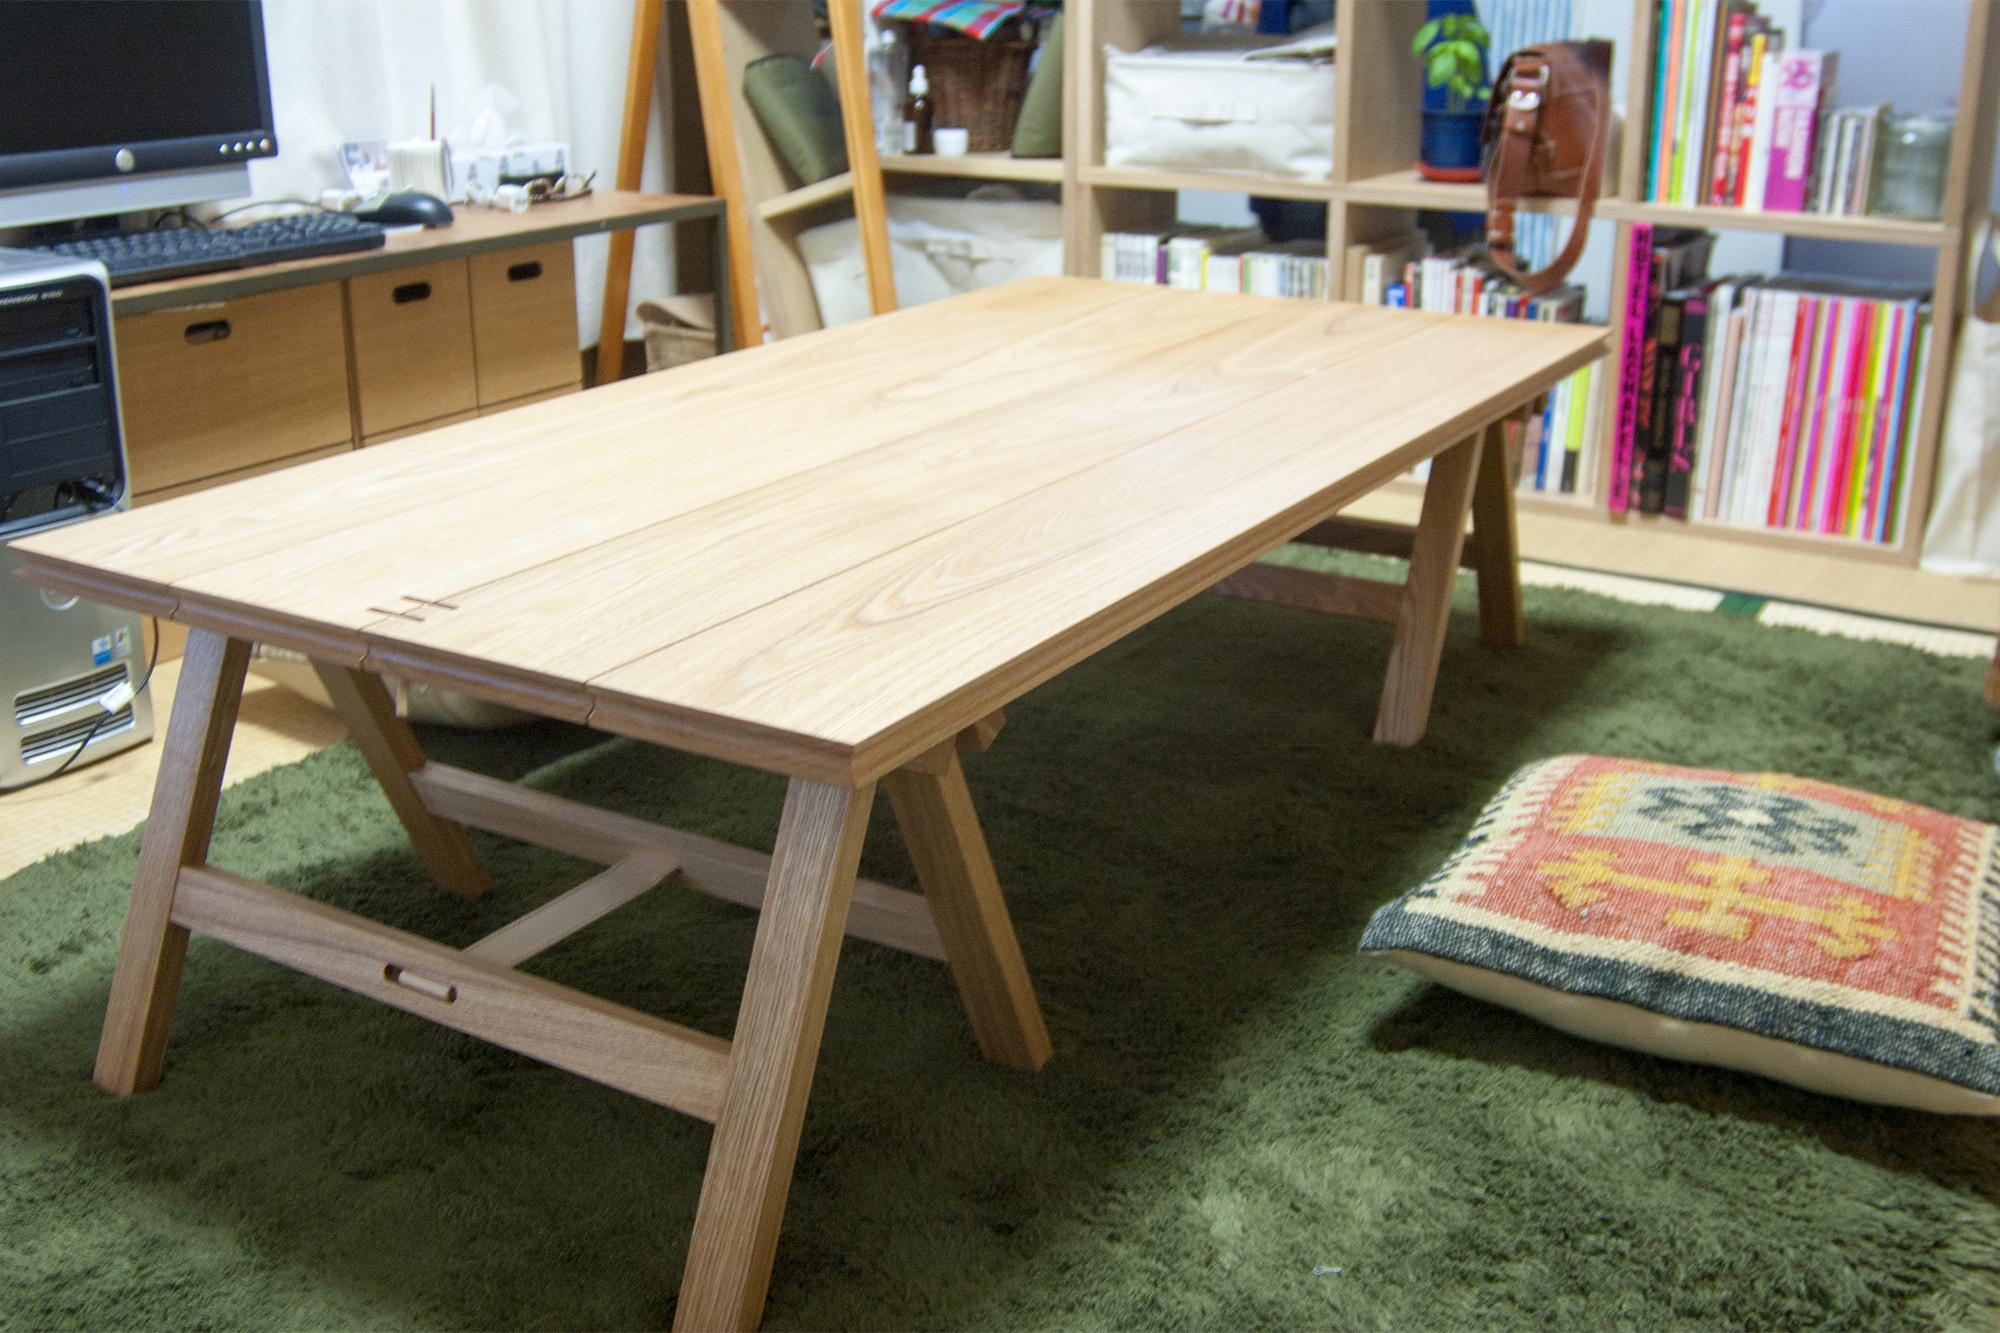 折りたたみテーブル「ぱたむテーブル」ロータイプ